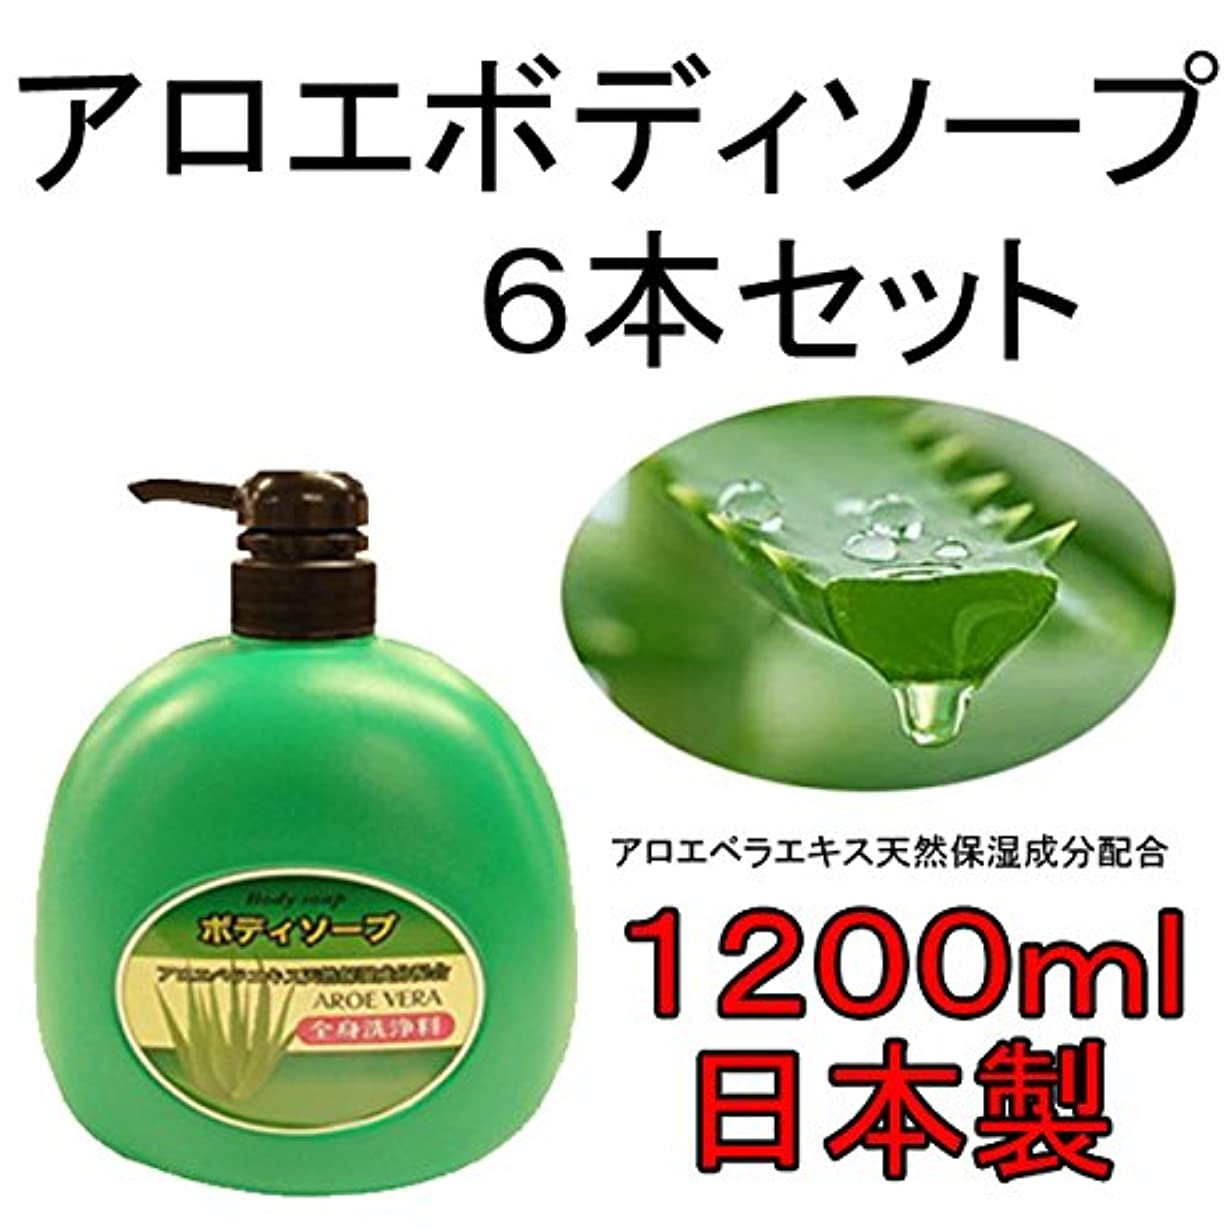 違うホースなぜなら高級アロエボディソープ6本セット アロエエキスたっぷりでお肌つるつる 国産?日本製で安心/約1年分1本1200mlの大容量でお得 液体ソープ ボディソープ ボディシャンプー 風呂用 石鹸 せっけん 全身用ソープ body...